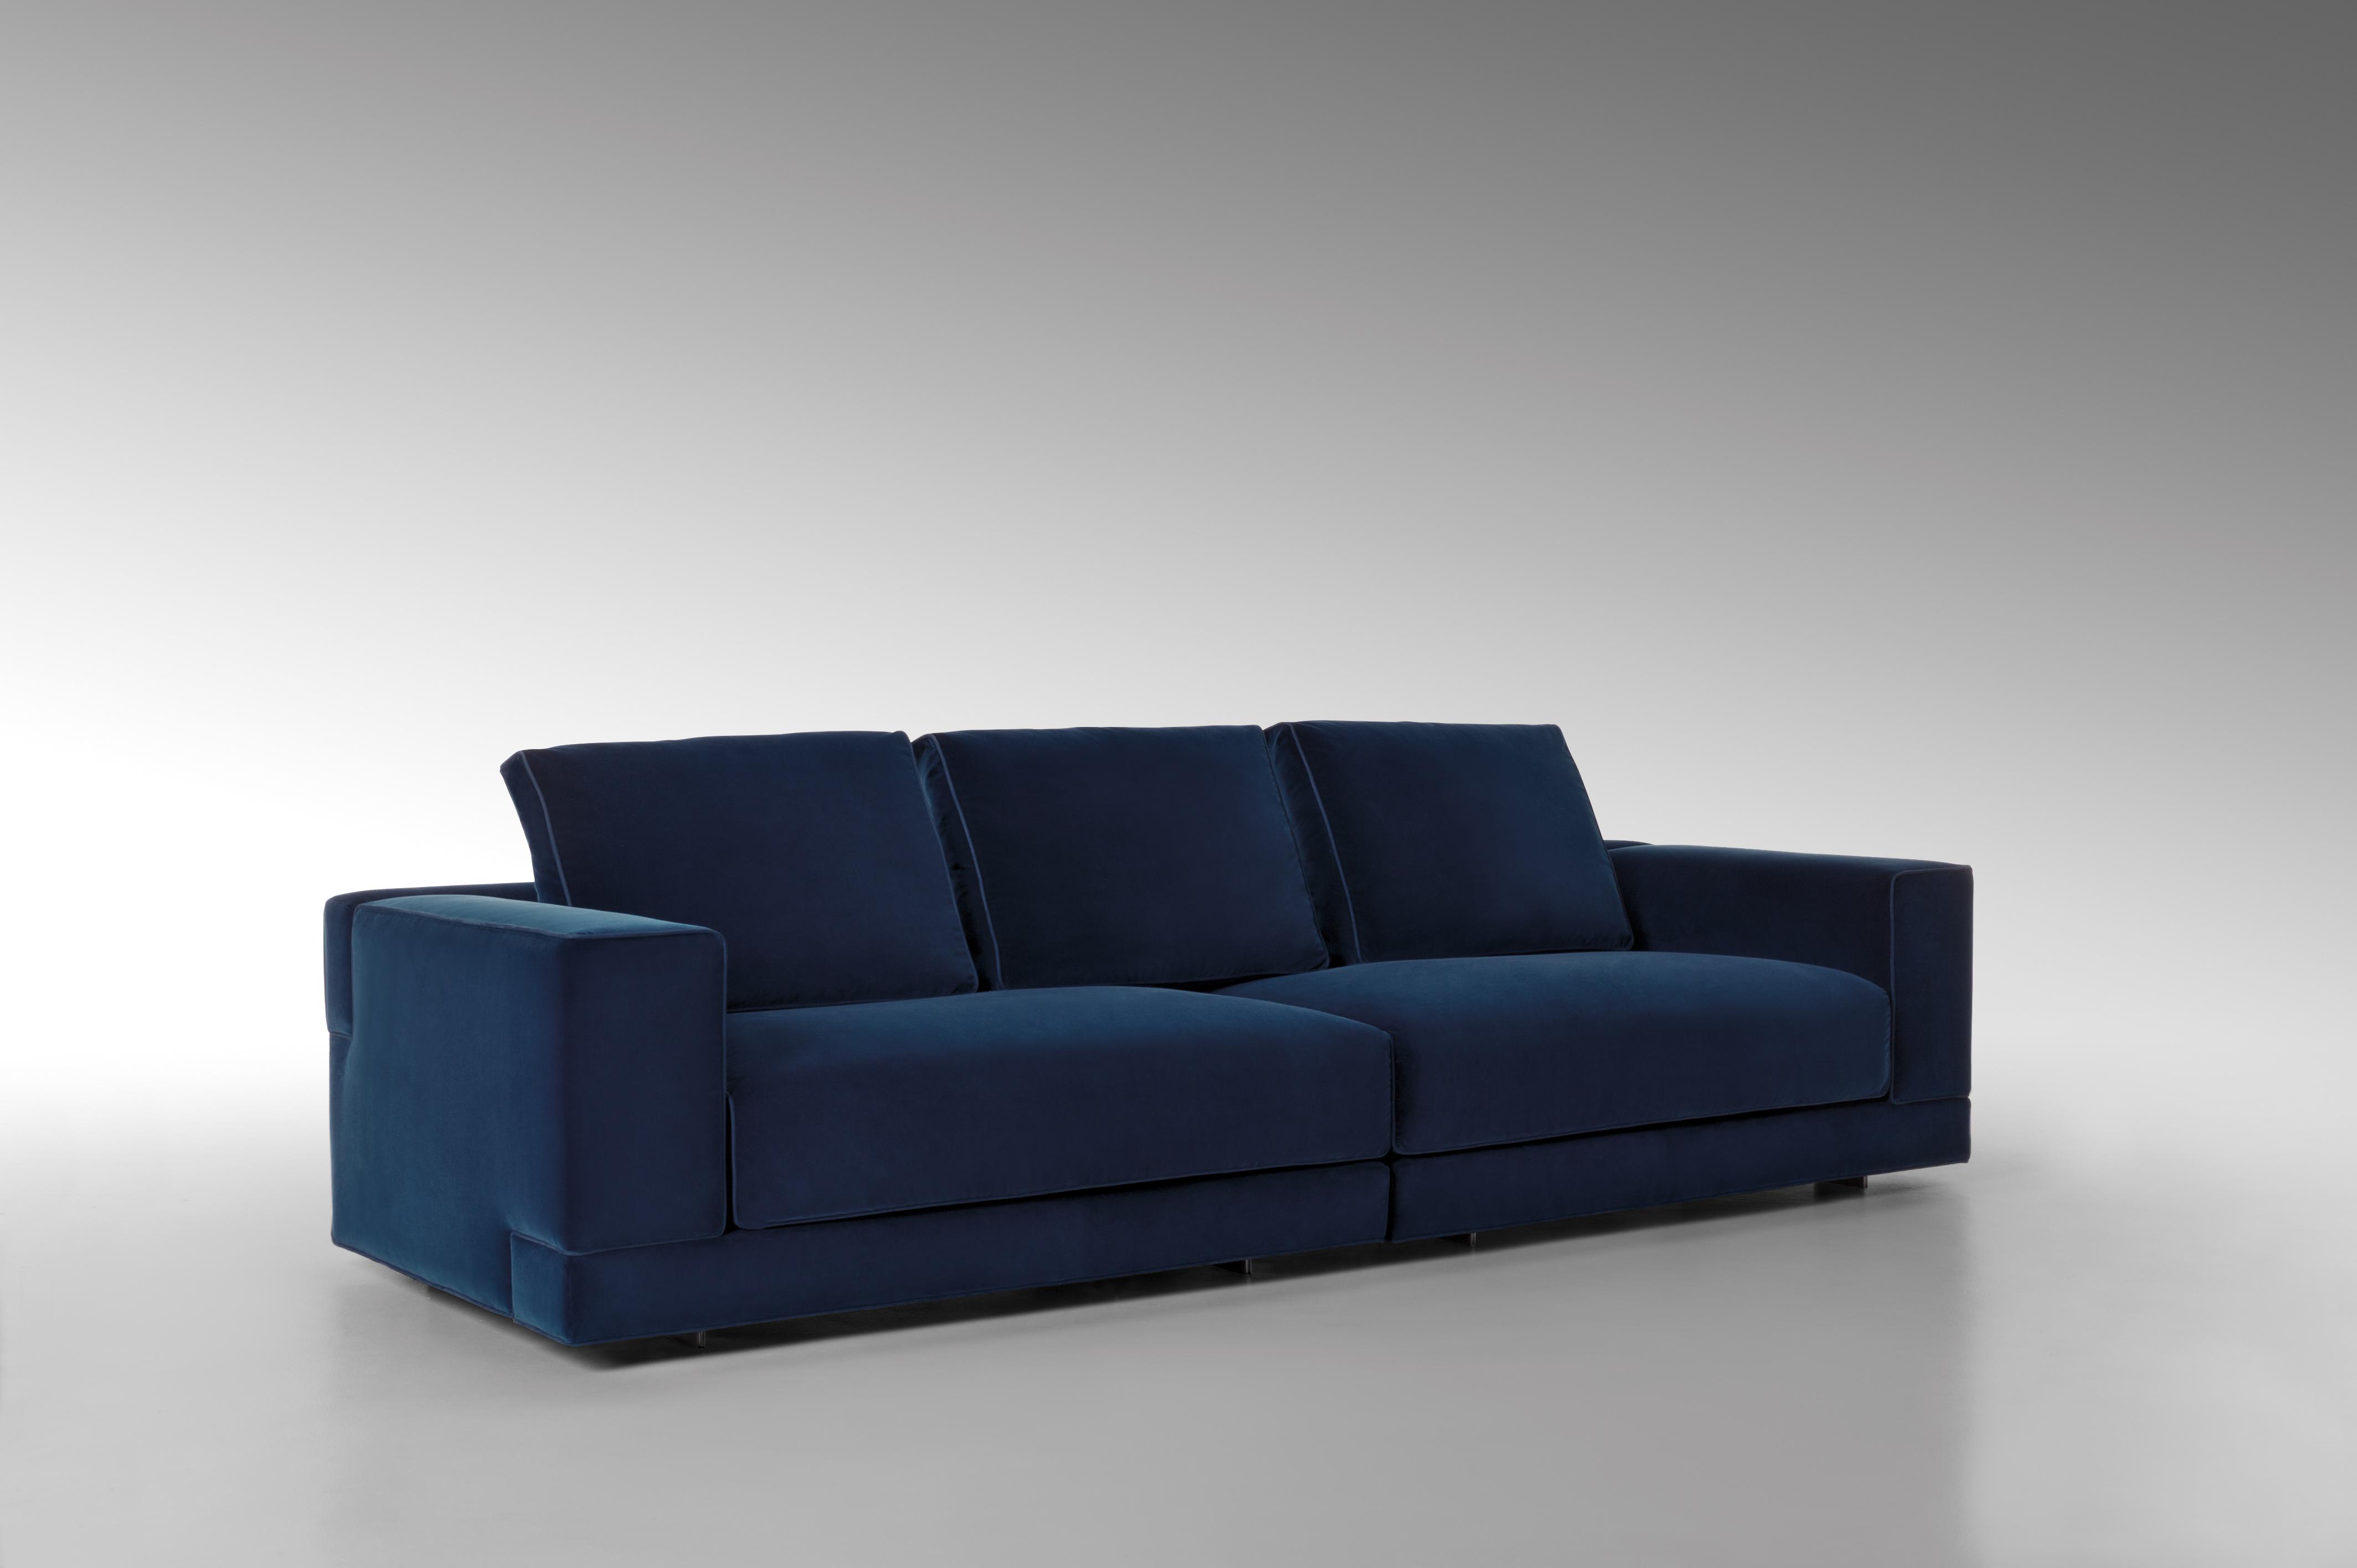 fendi casa spring 2015 collection at salone del mobile